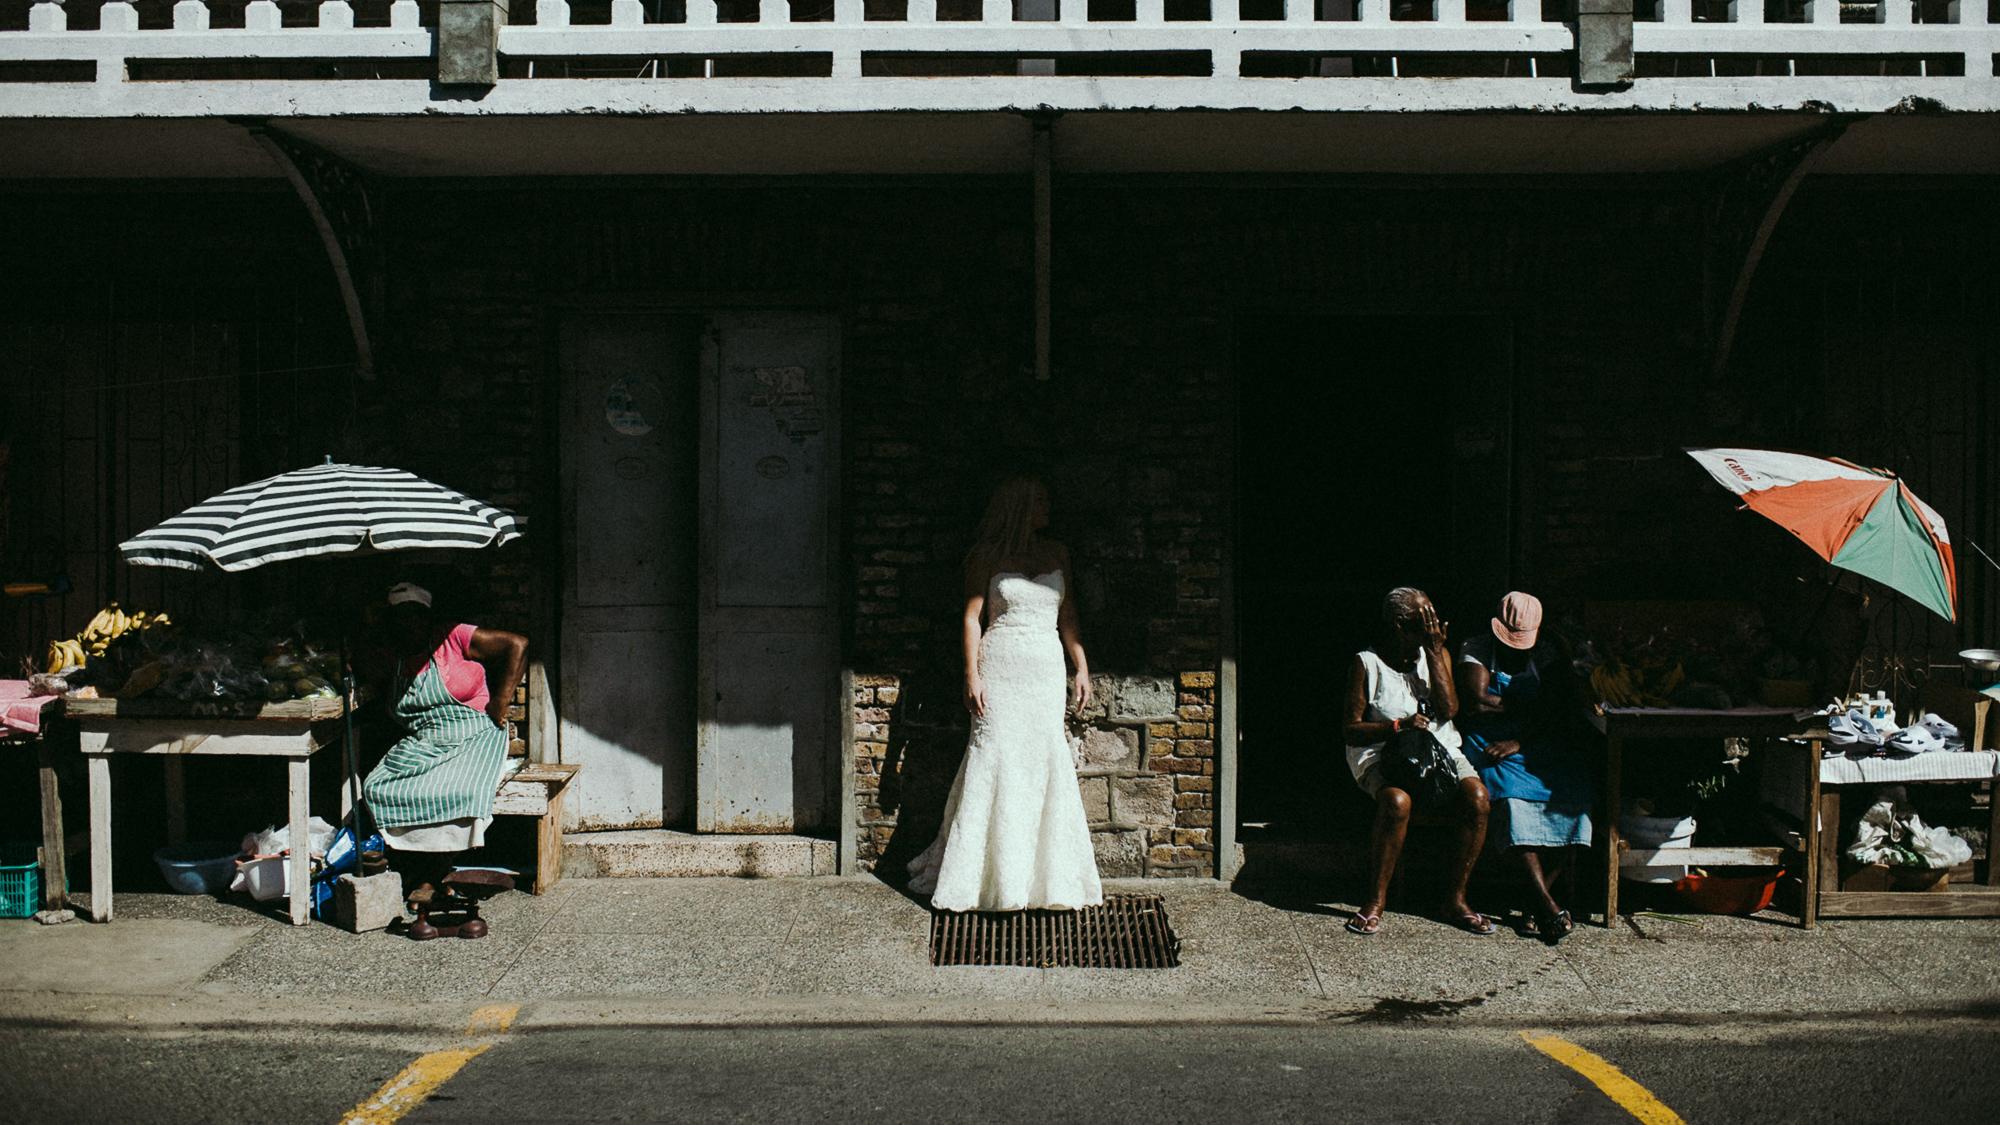 gian-carlo-photography-weddings-1.jpg